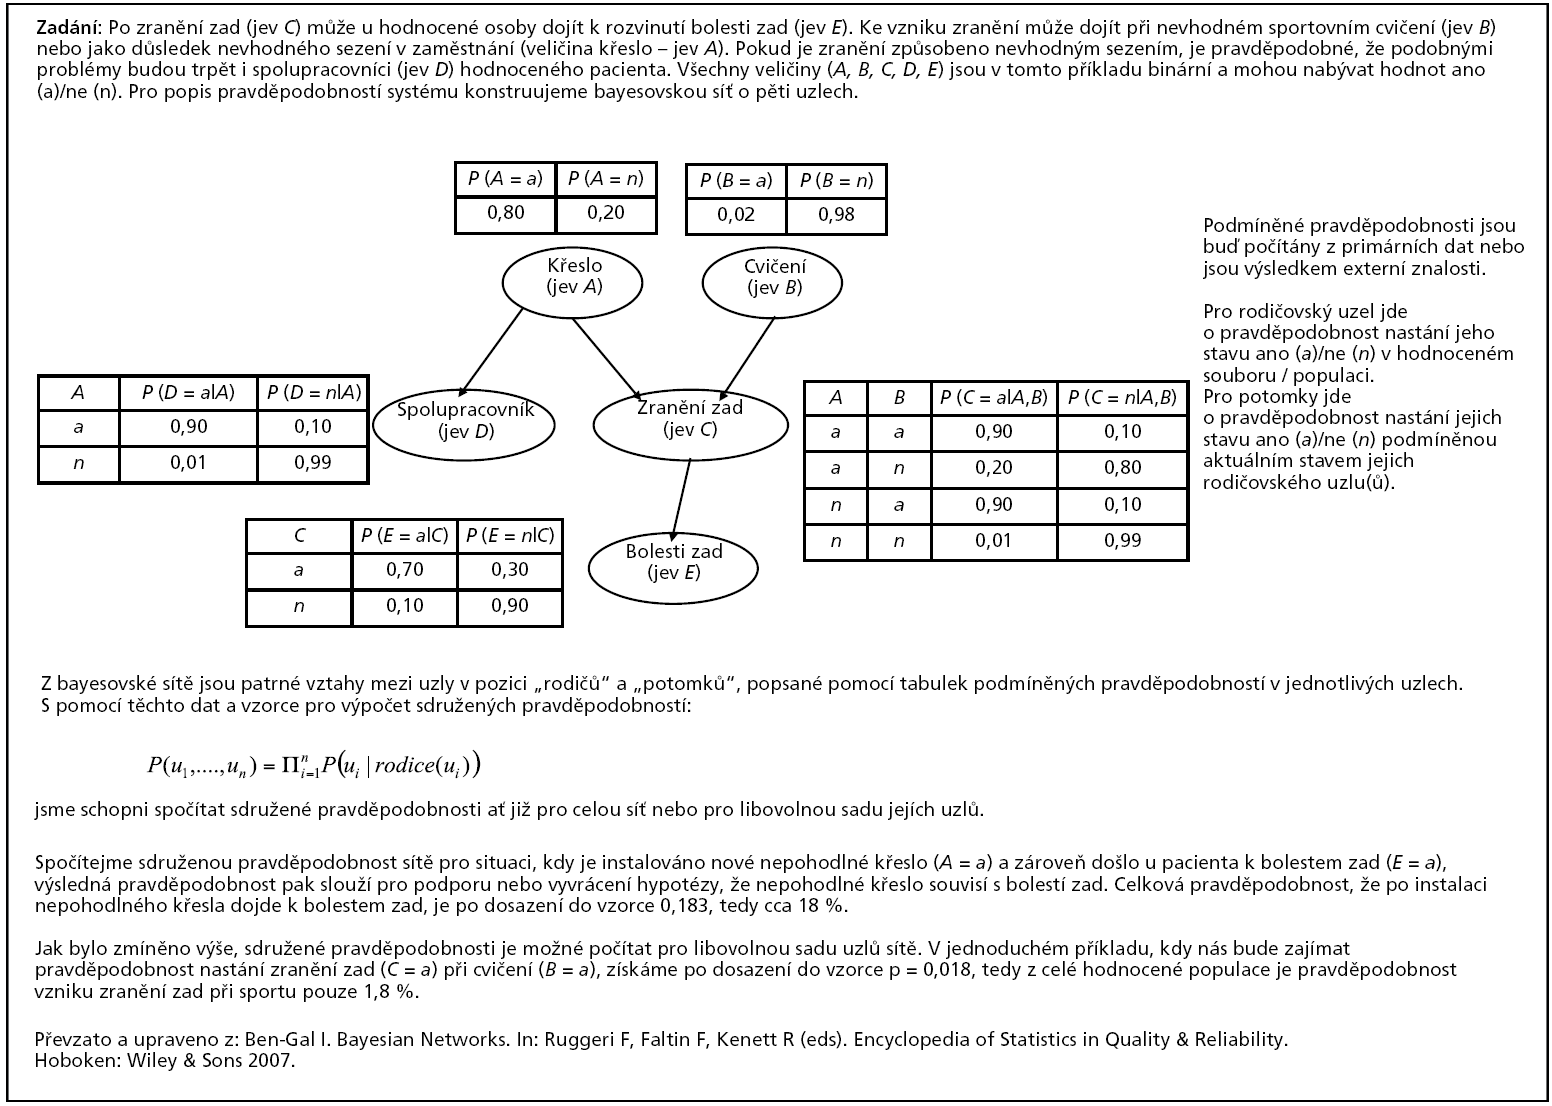 Příklad 1. Aplikace bayesovské sítě pro modelový popis systému sledujícího příčiny bolesti zad.